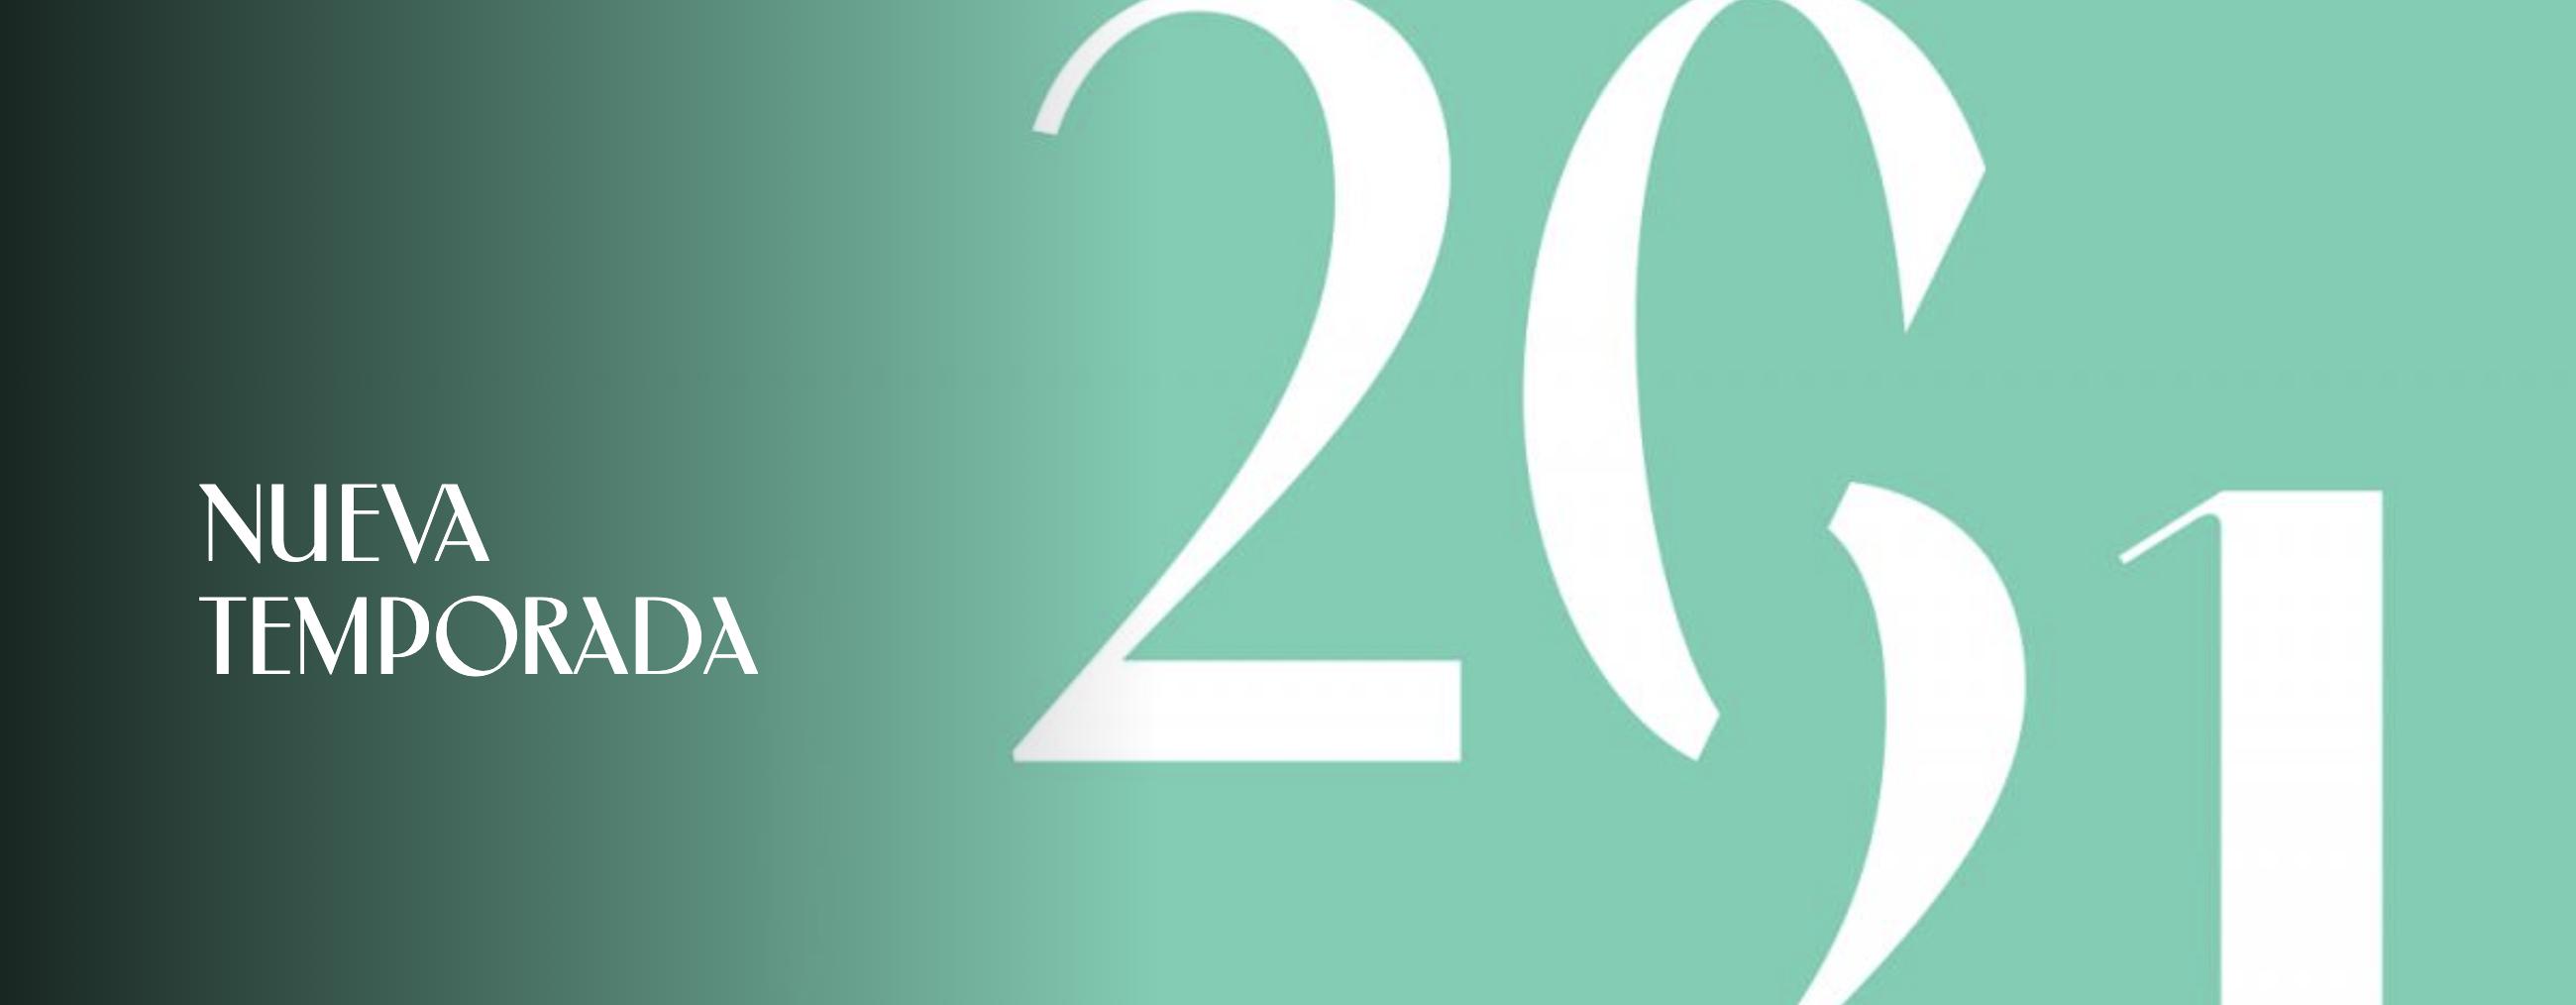 temporada-20-21-la-filarmonica